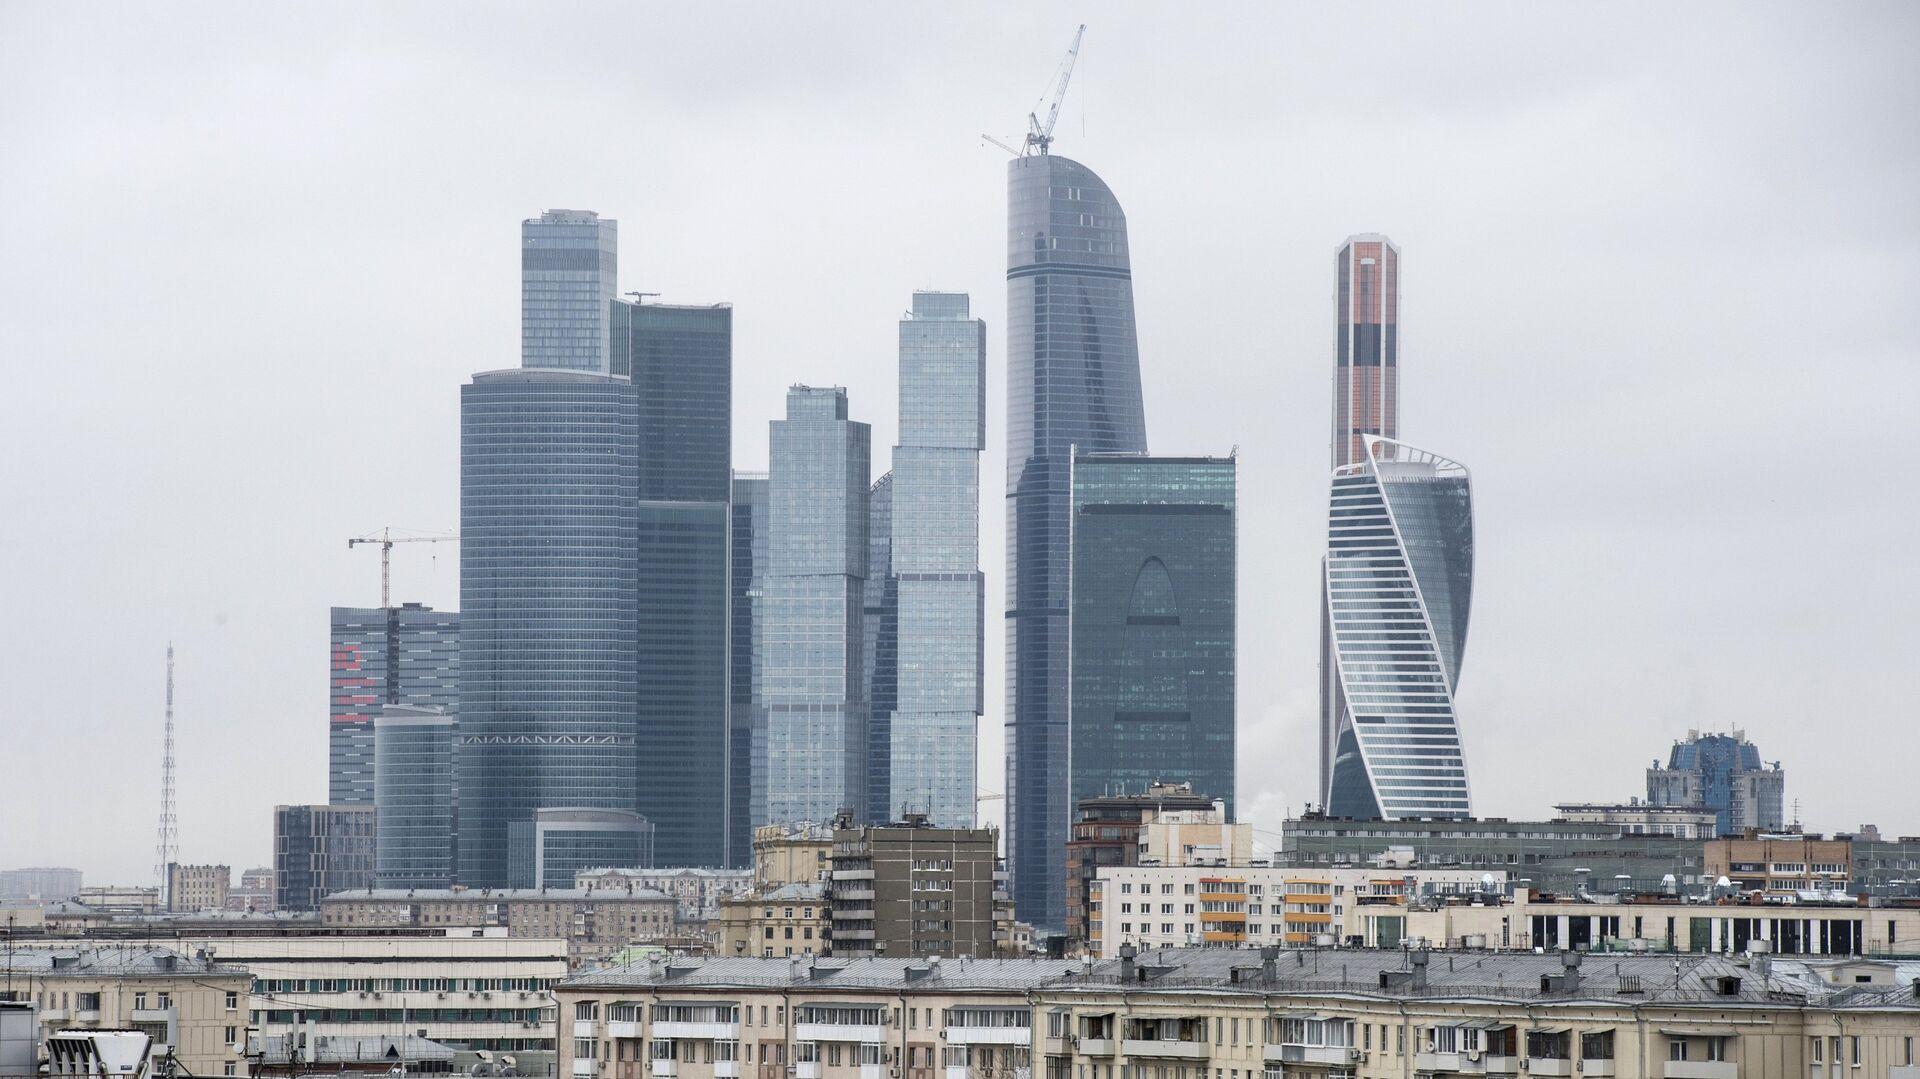 Zgrade - petospratnice pored Međunarodnog poslovnog centra Moskva-siti - Sputnik Srbija, 1920, 04.10.2021